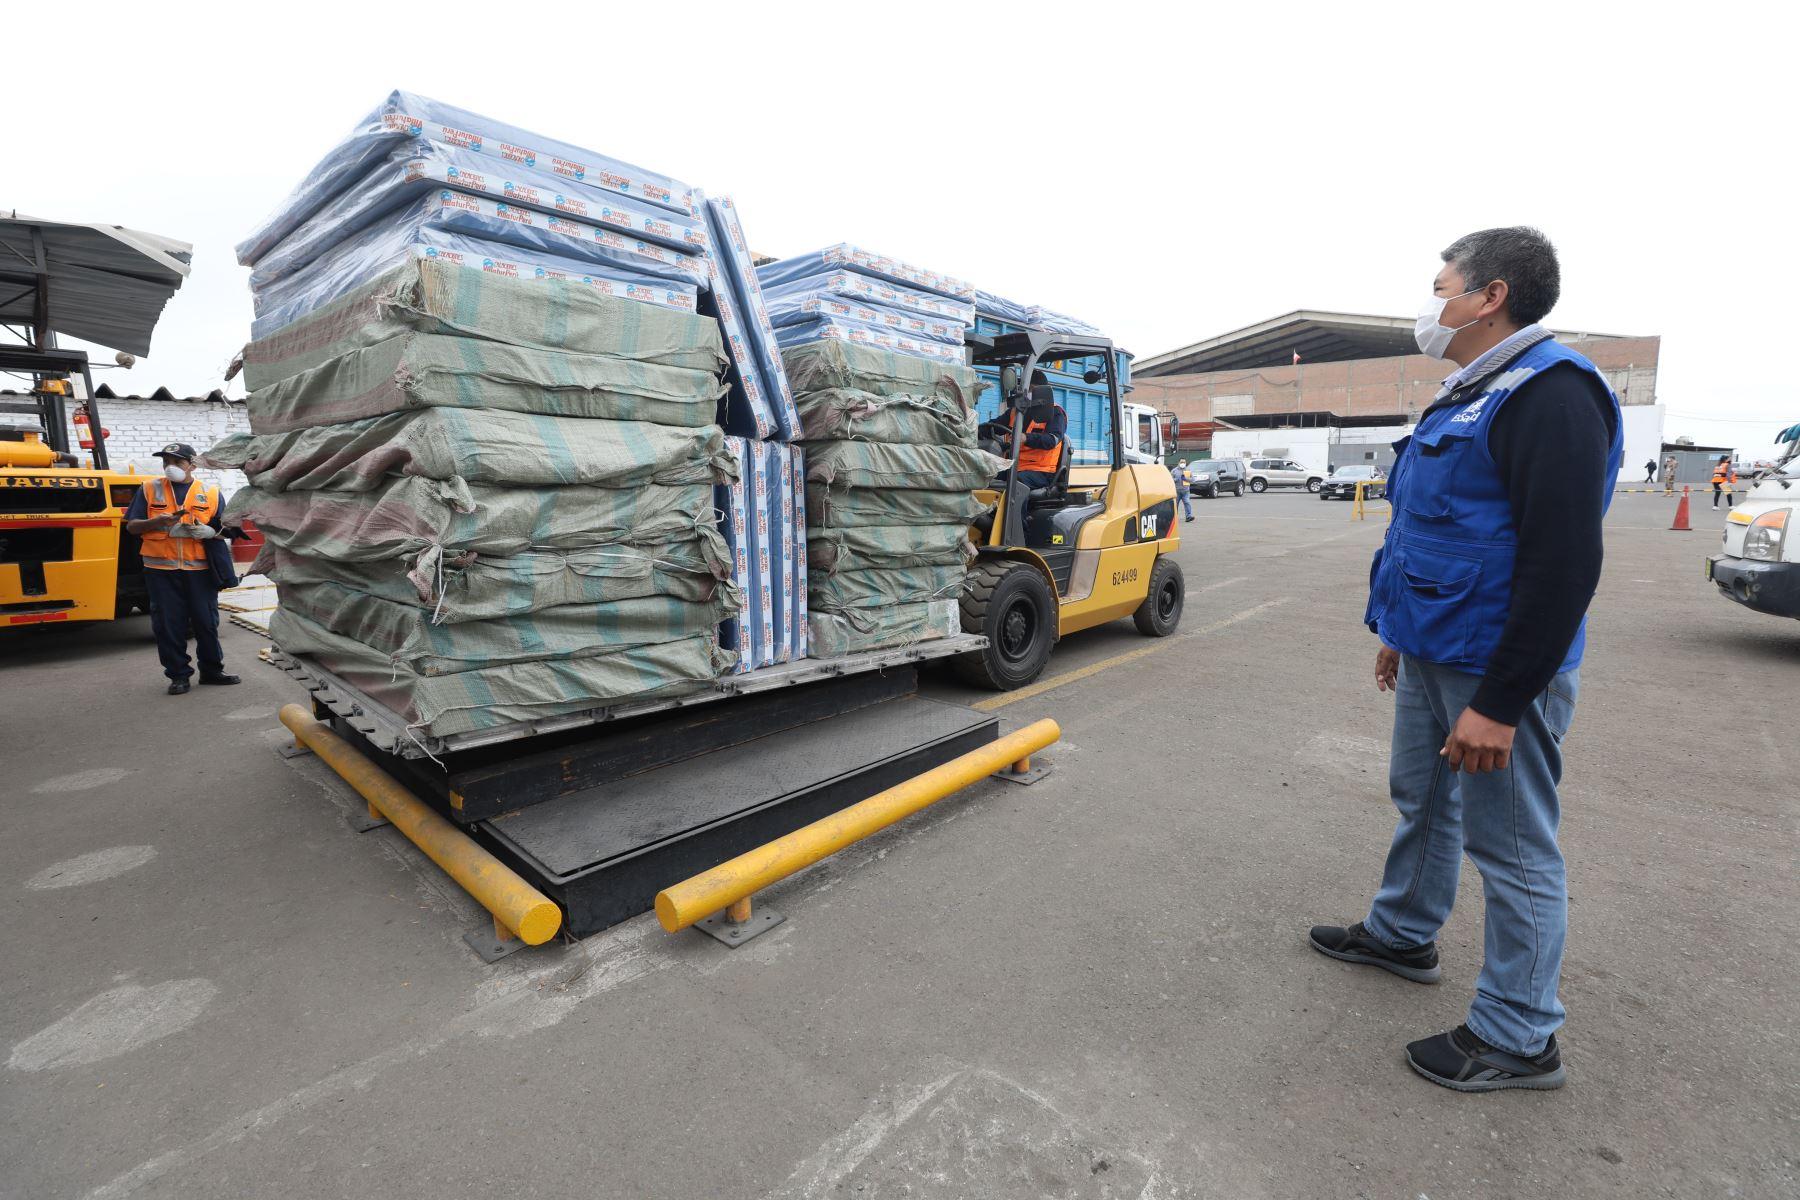 Ante el incremento de ingresos hospitalarios en Piura, EsSalud envió 100 camas hospitalarias para pacientes covid-19. Foto: EsSalud